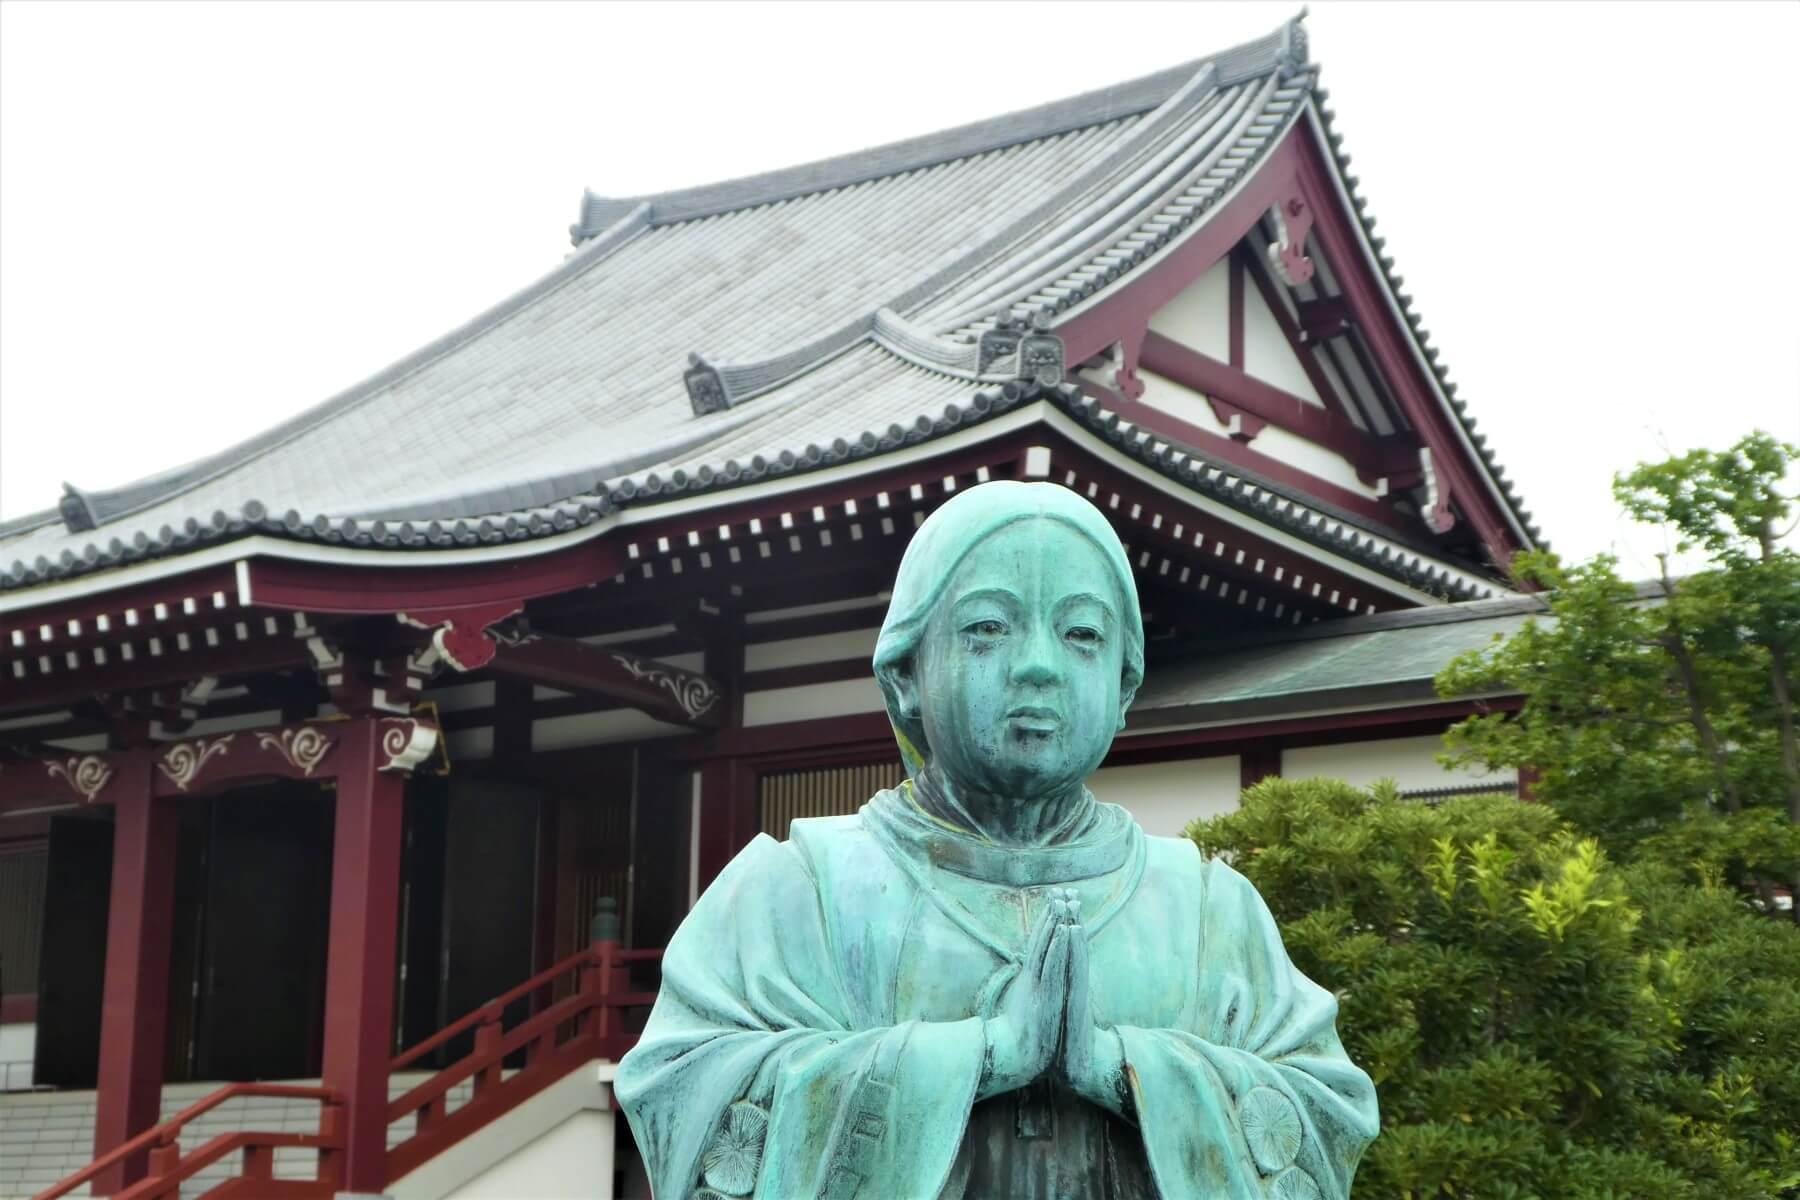 The special Zojoji Temple in Minato, Tokyo